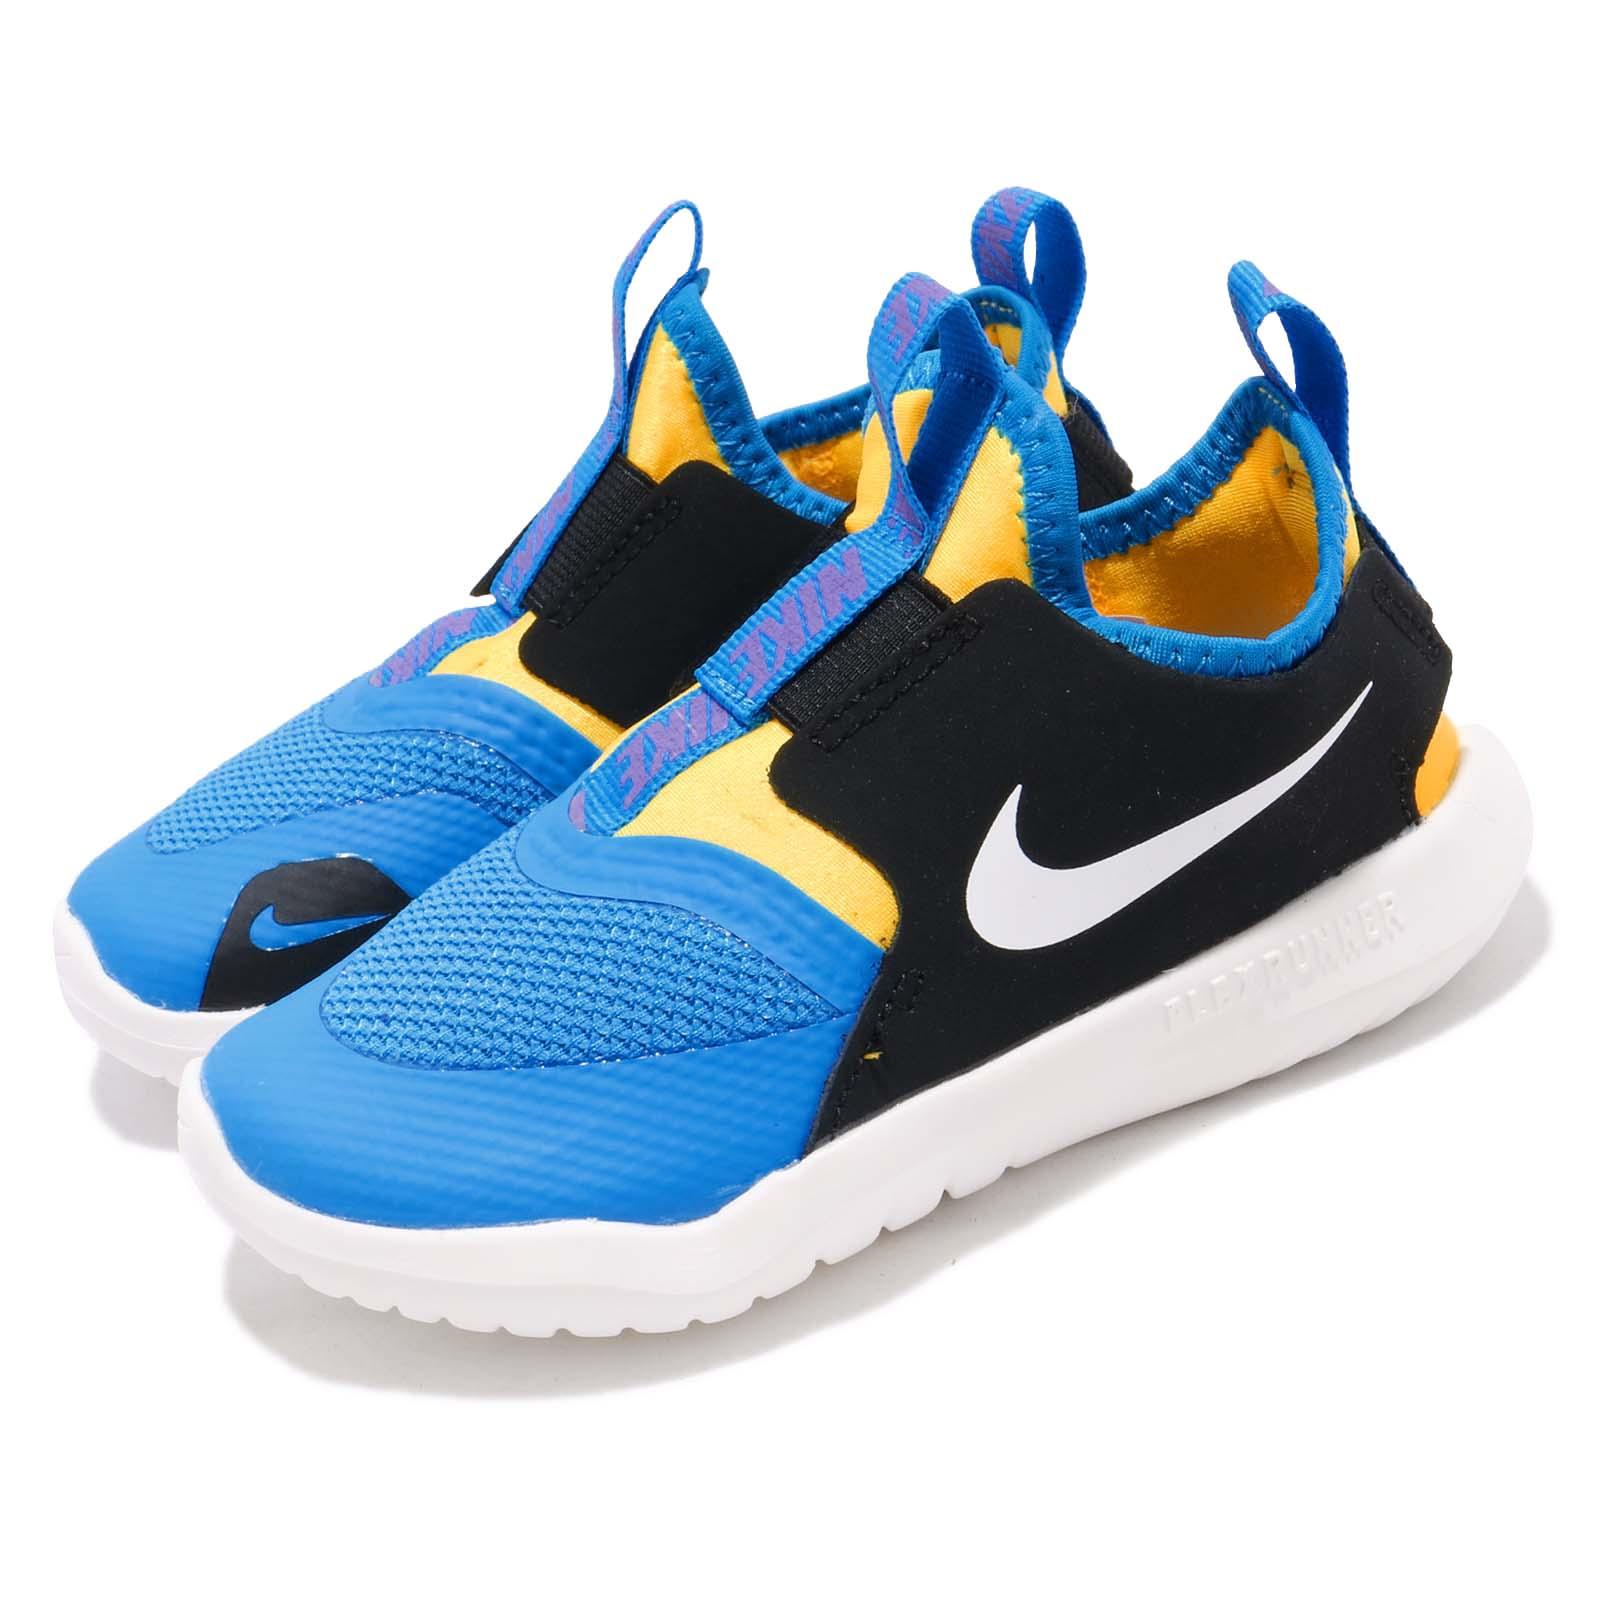 Nike 休閒鞋 Flex Runner 運動 童鞋 AT4665-401